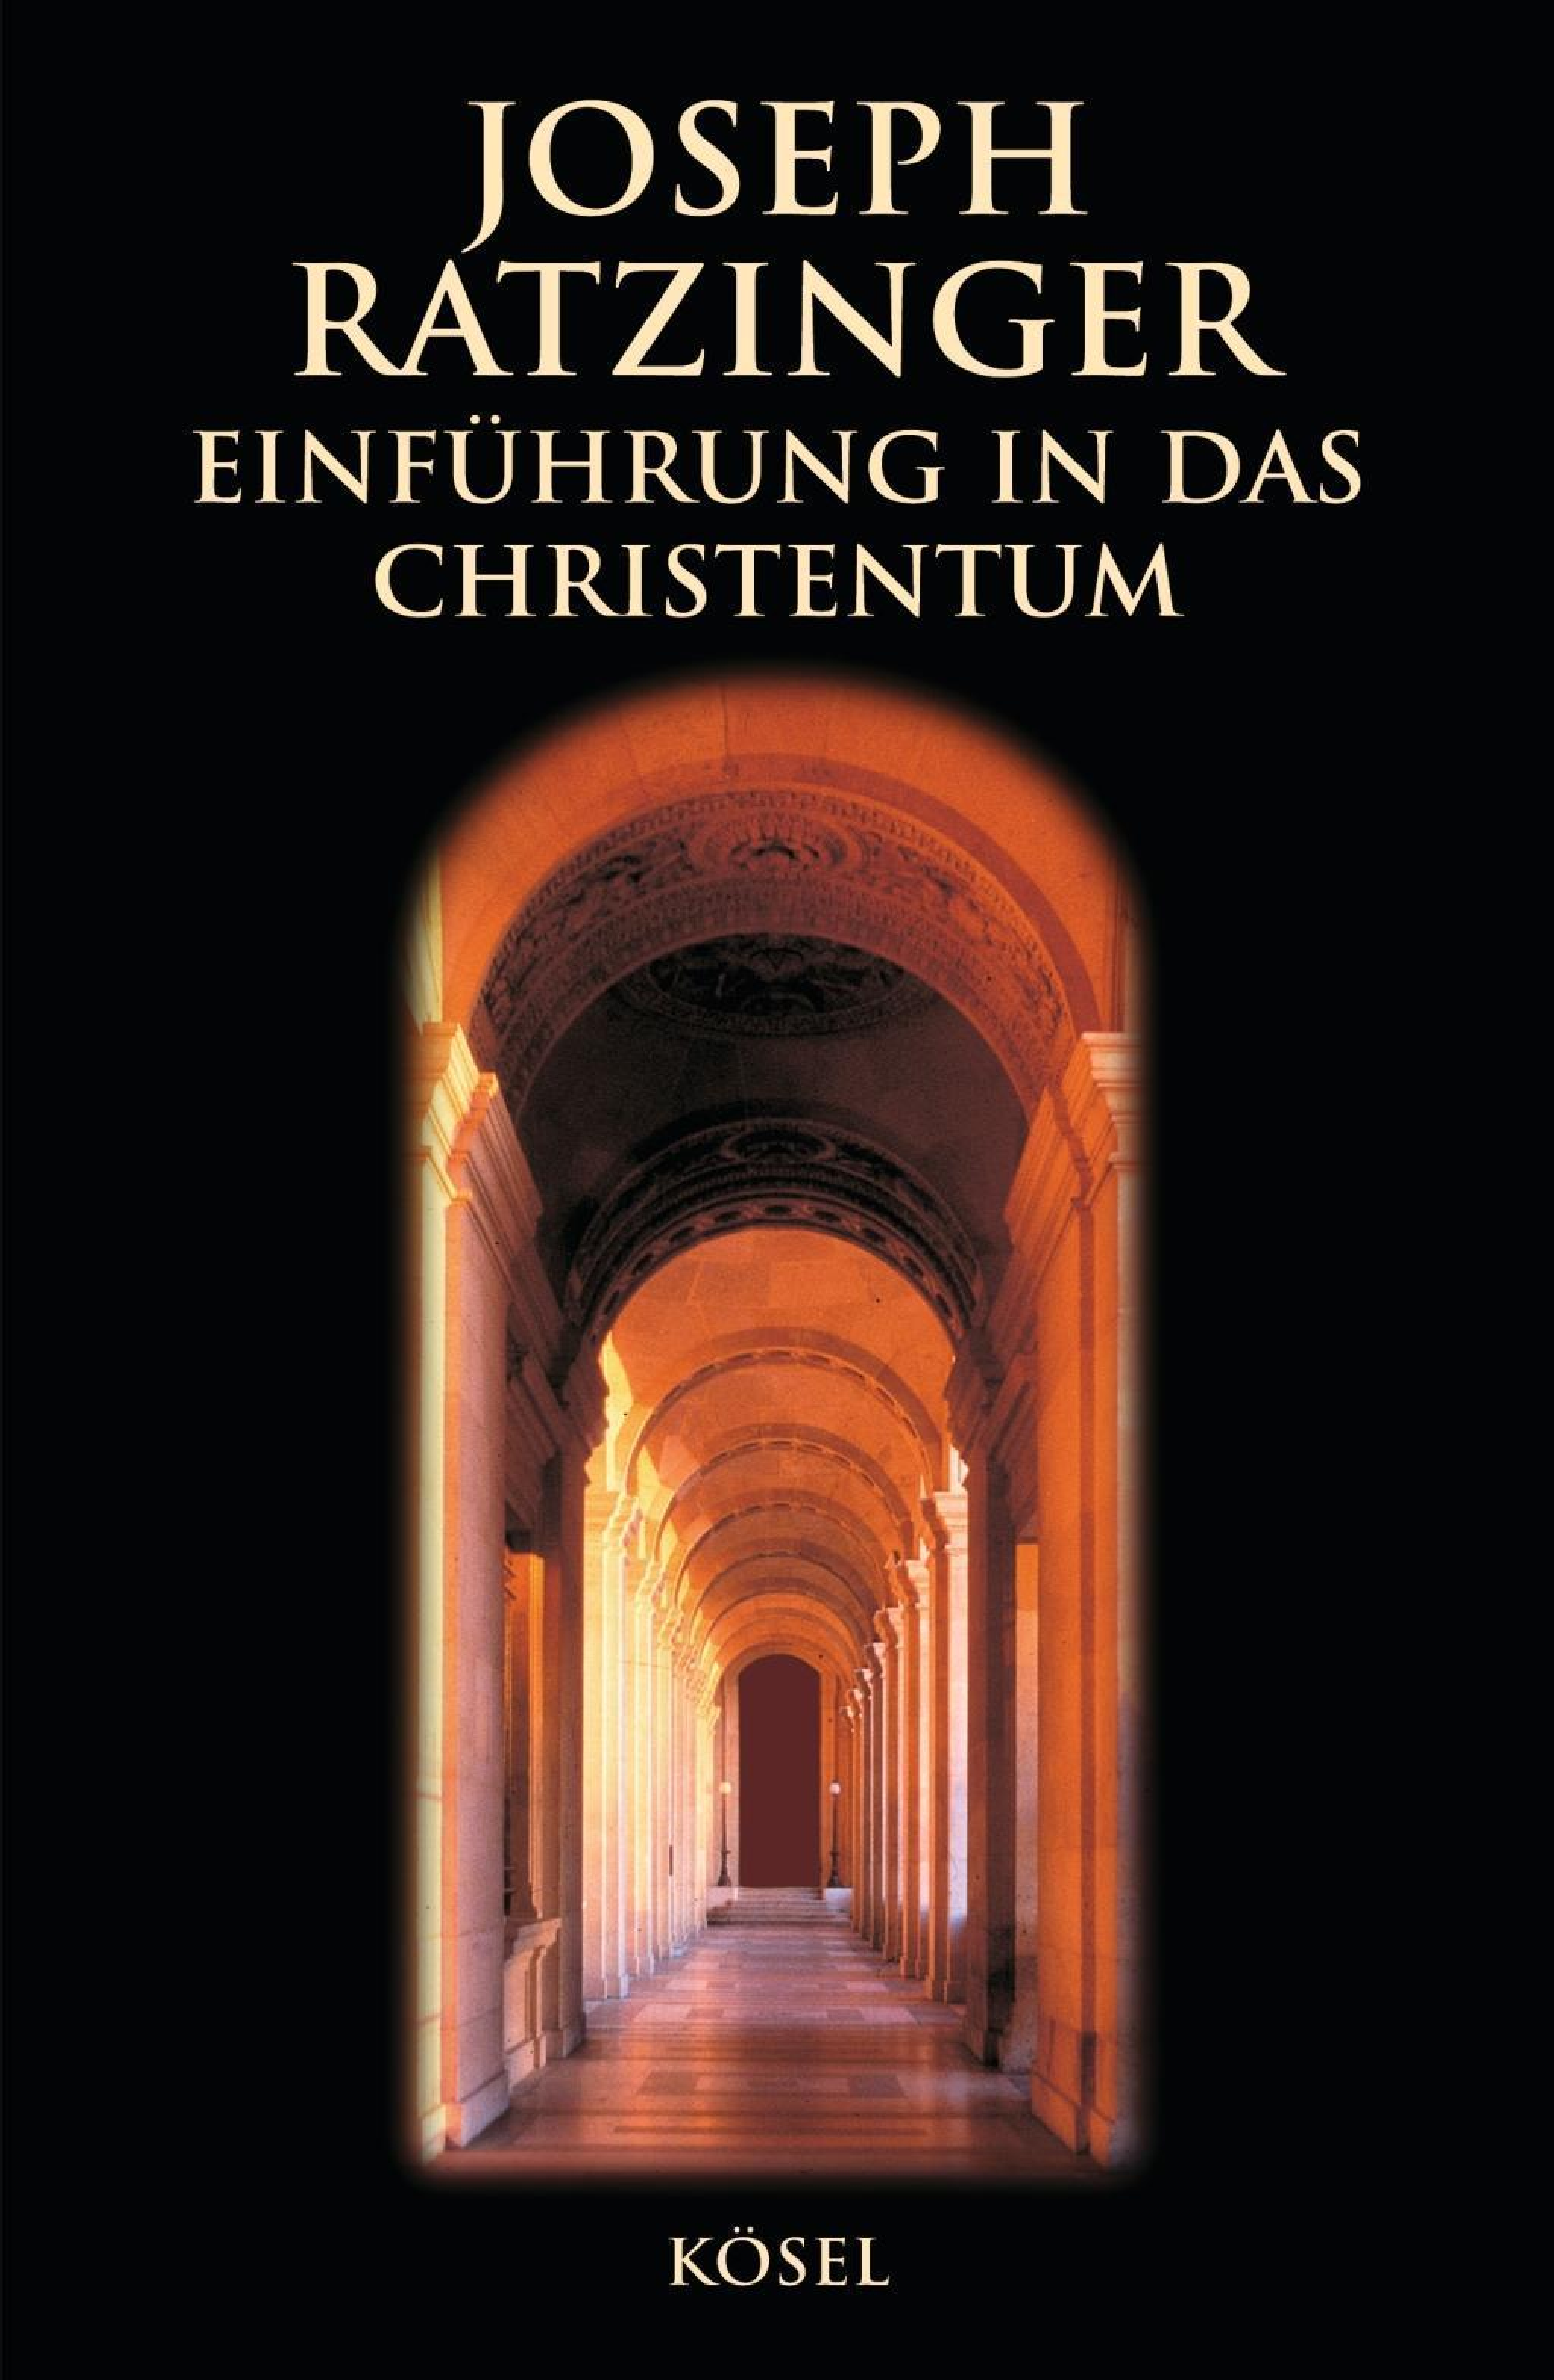 Einfuehrung-in-das-Christentum-Joseph-Ratzinger